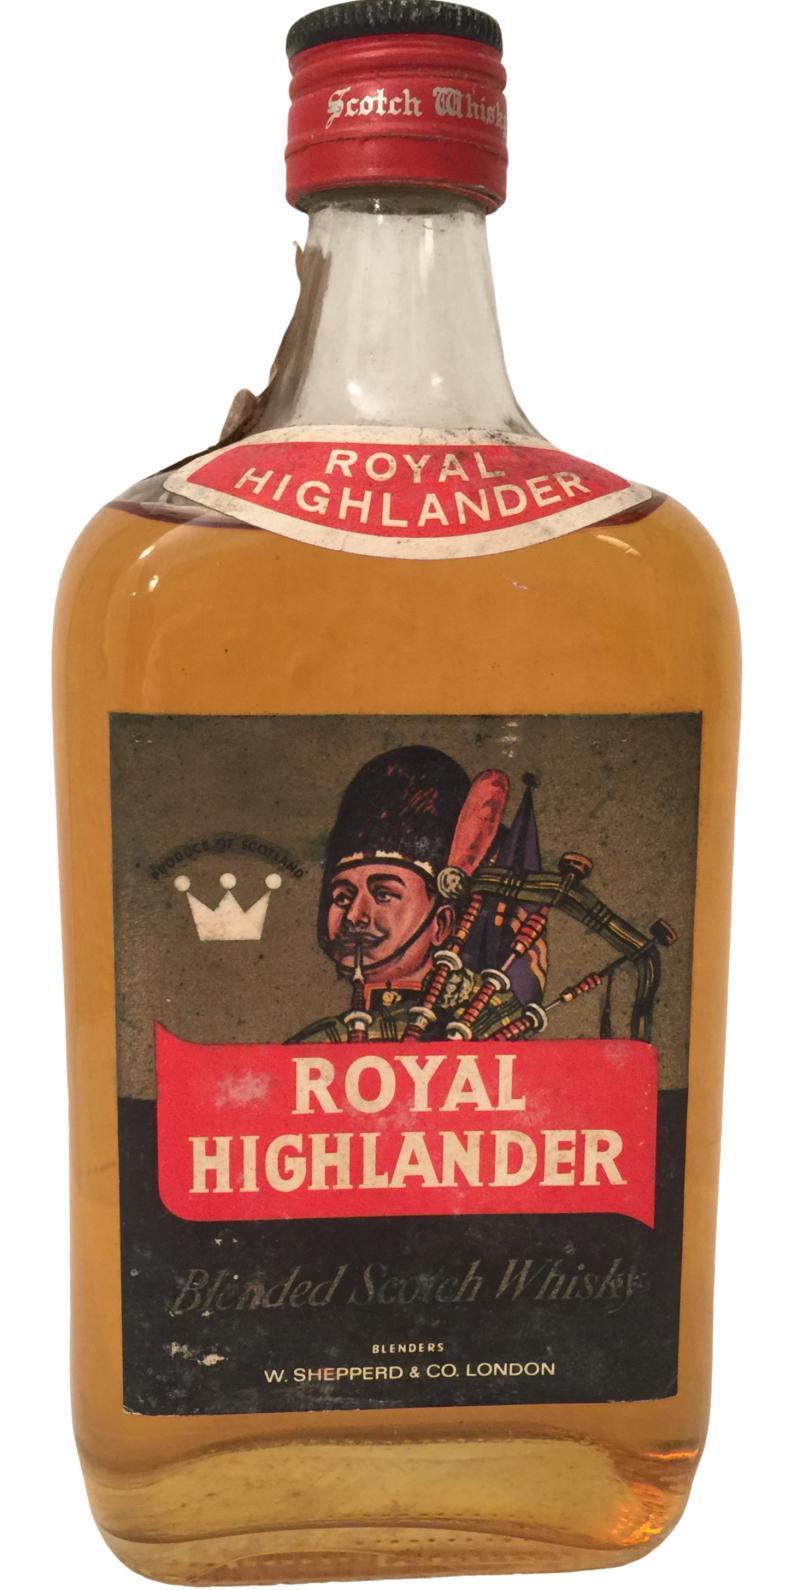 Royal Highlander Blended Scotch Whisky